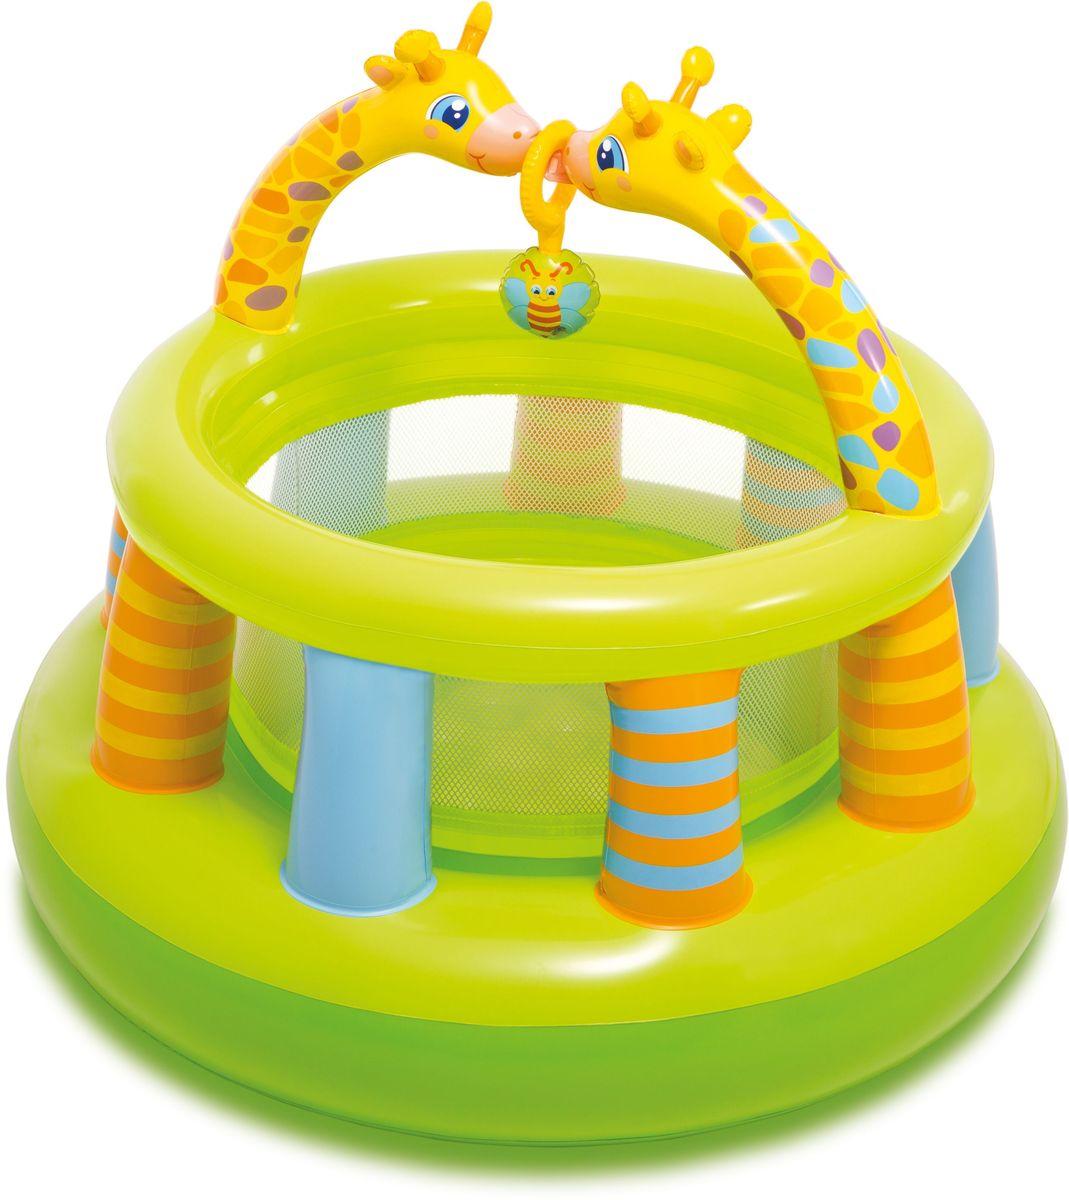 Intex Надувной игровой центр Манеж с погремушкой 130 х 104 смс48474Центр детский Intex манеж с погремушкой 130х104 см от 0-3 лет